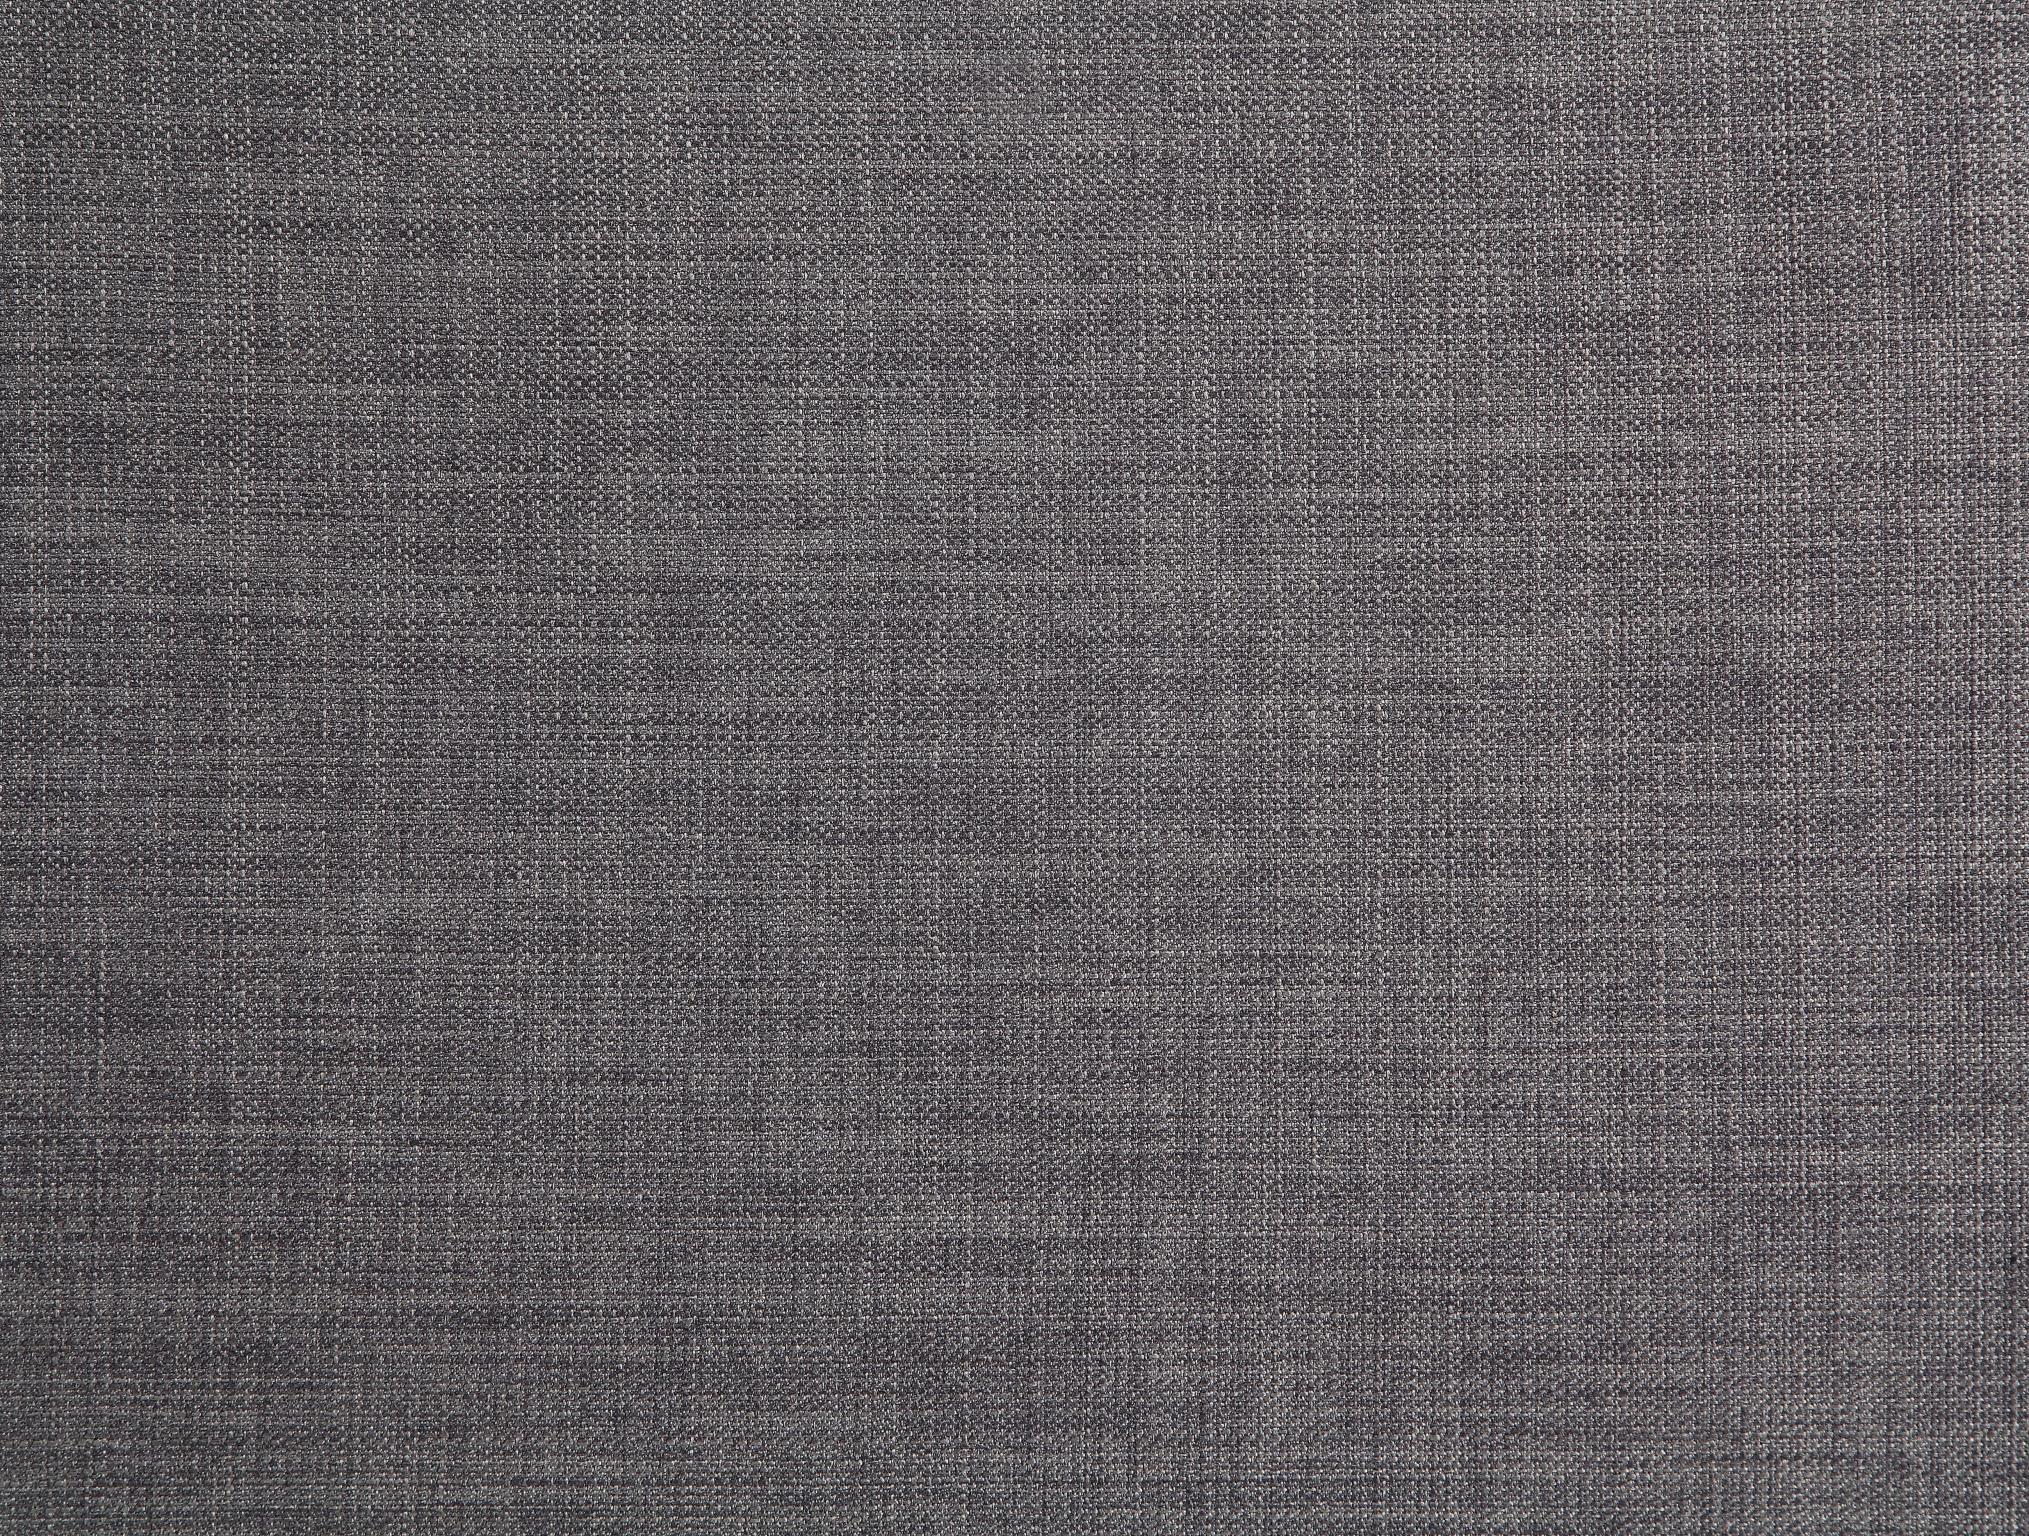 Light Charcoal Linen Upholstery Finish